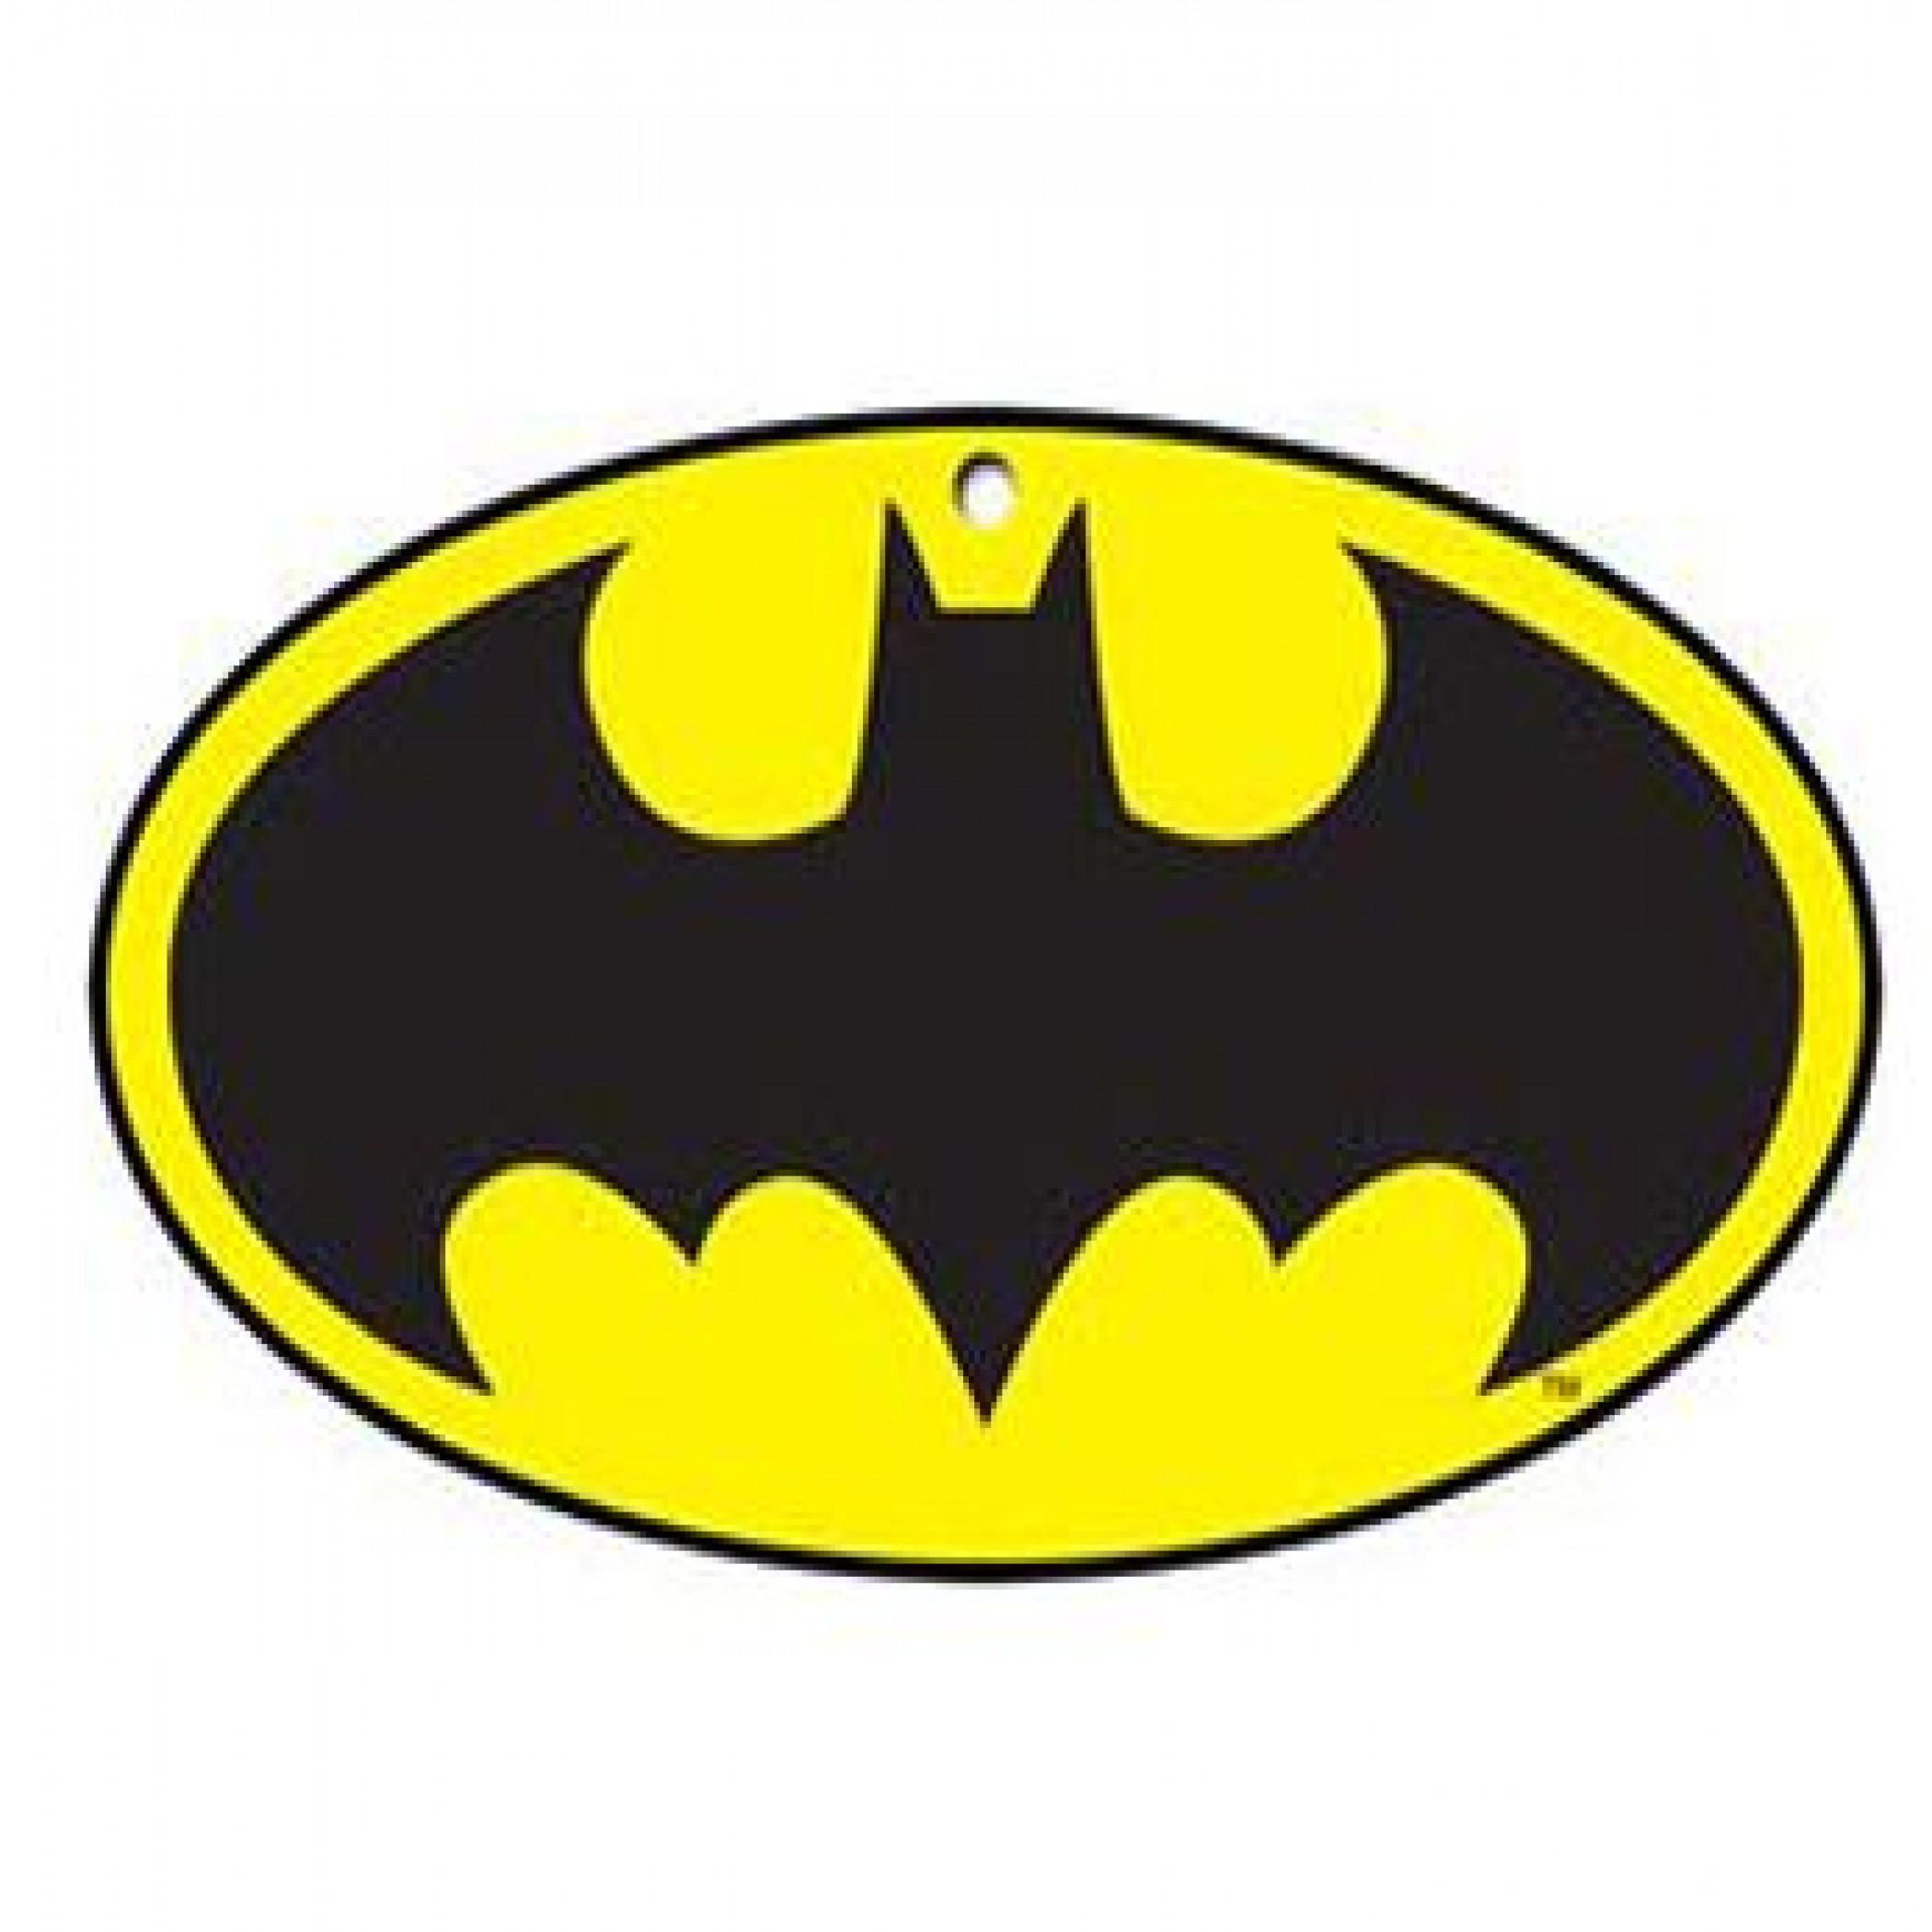 Batman Symbol Air Freshener 2-Pack